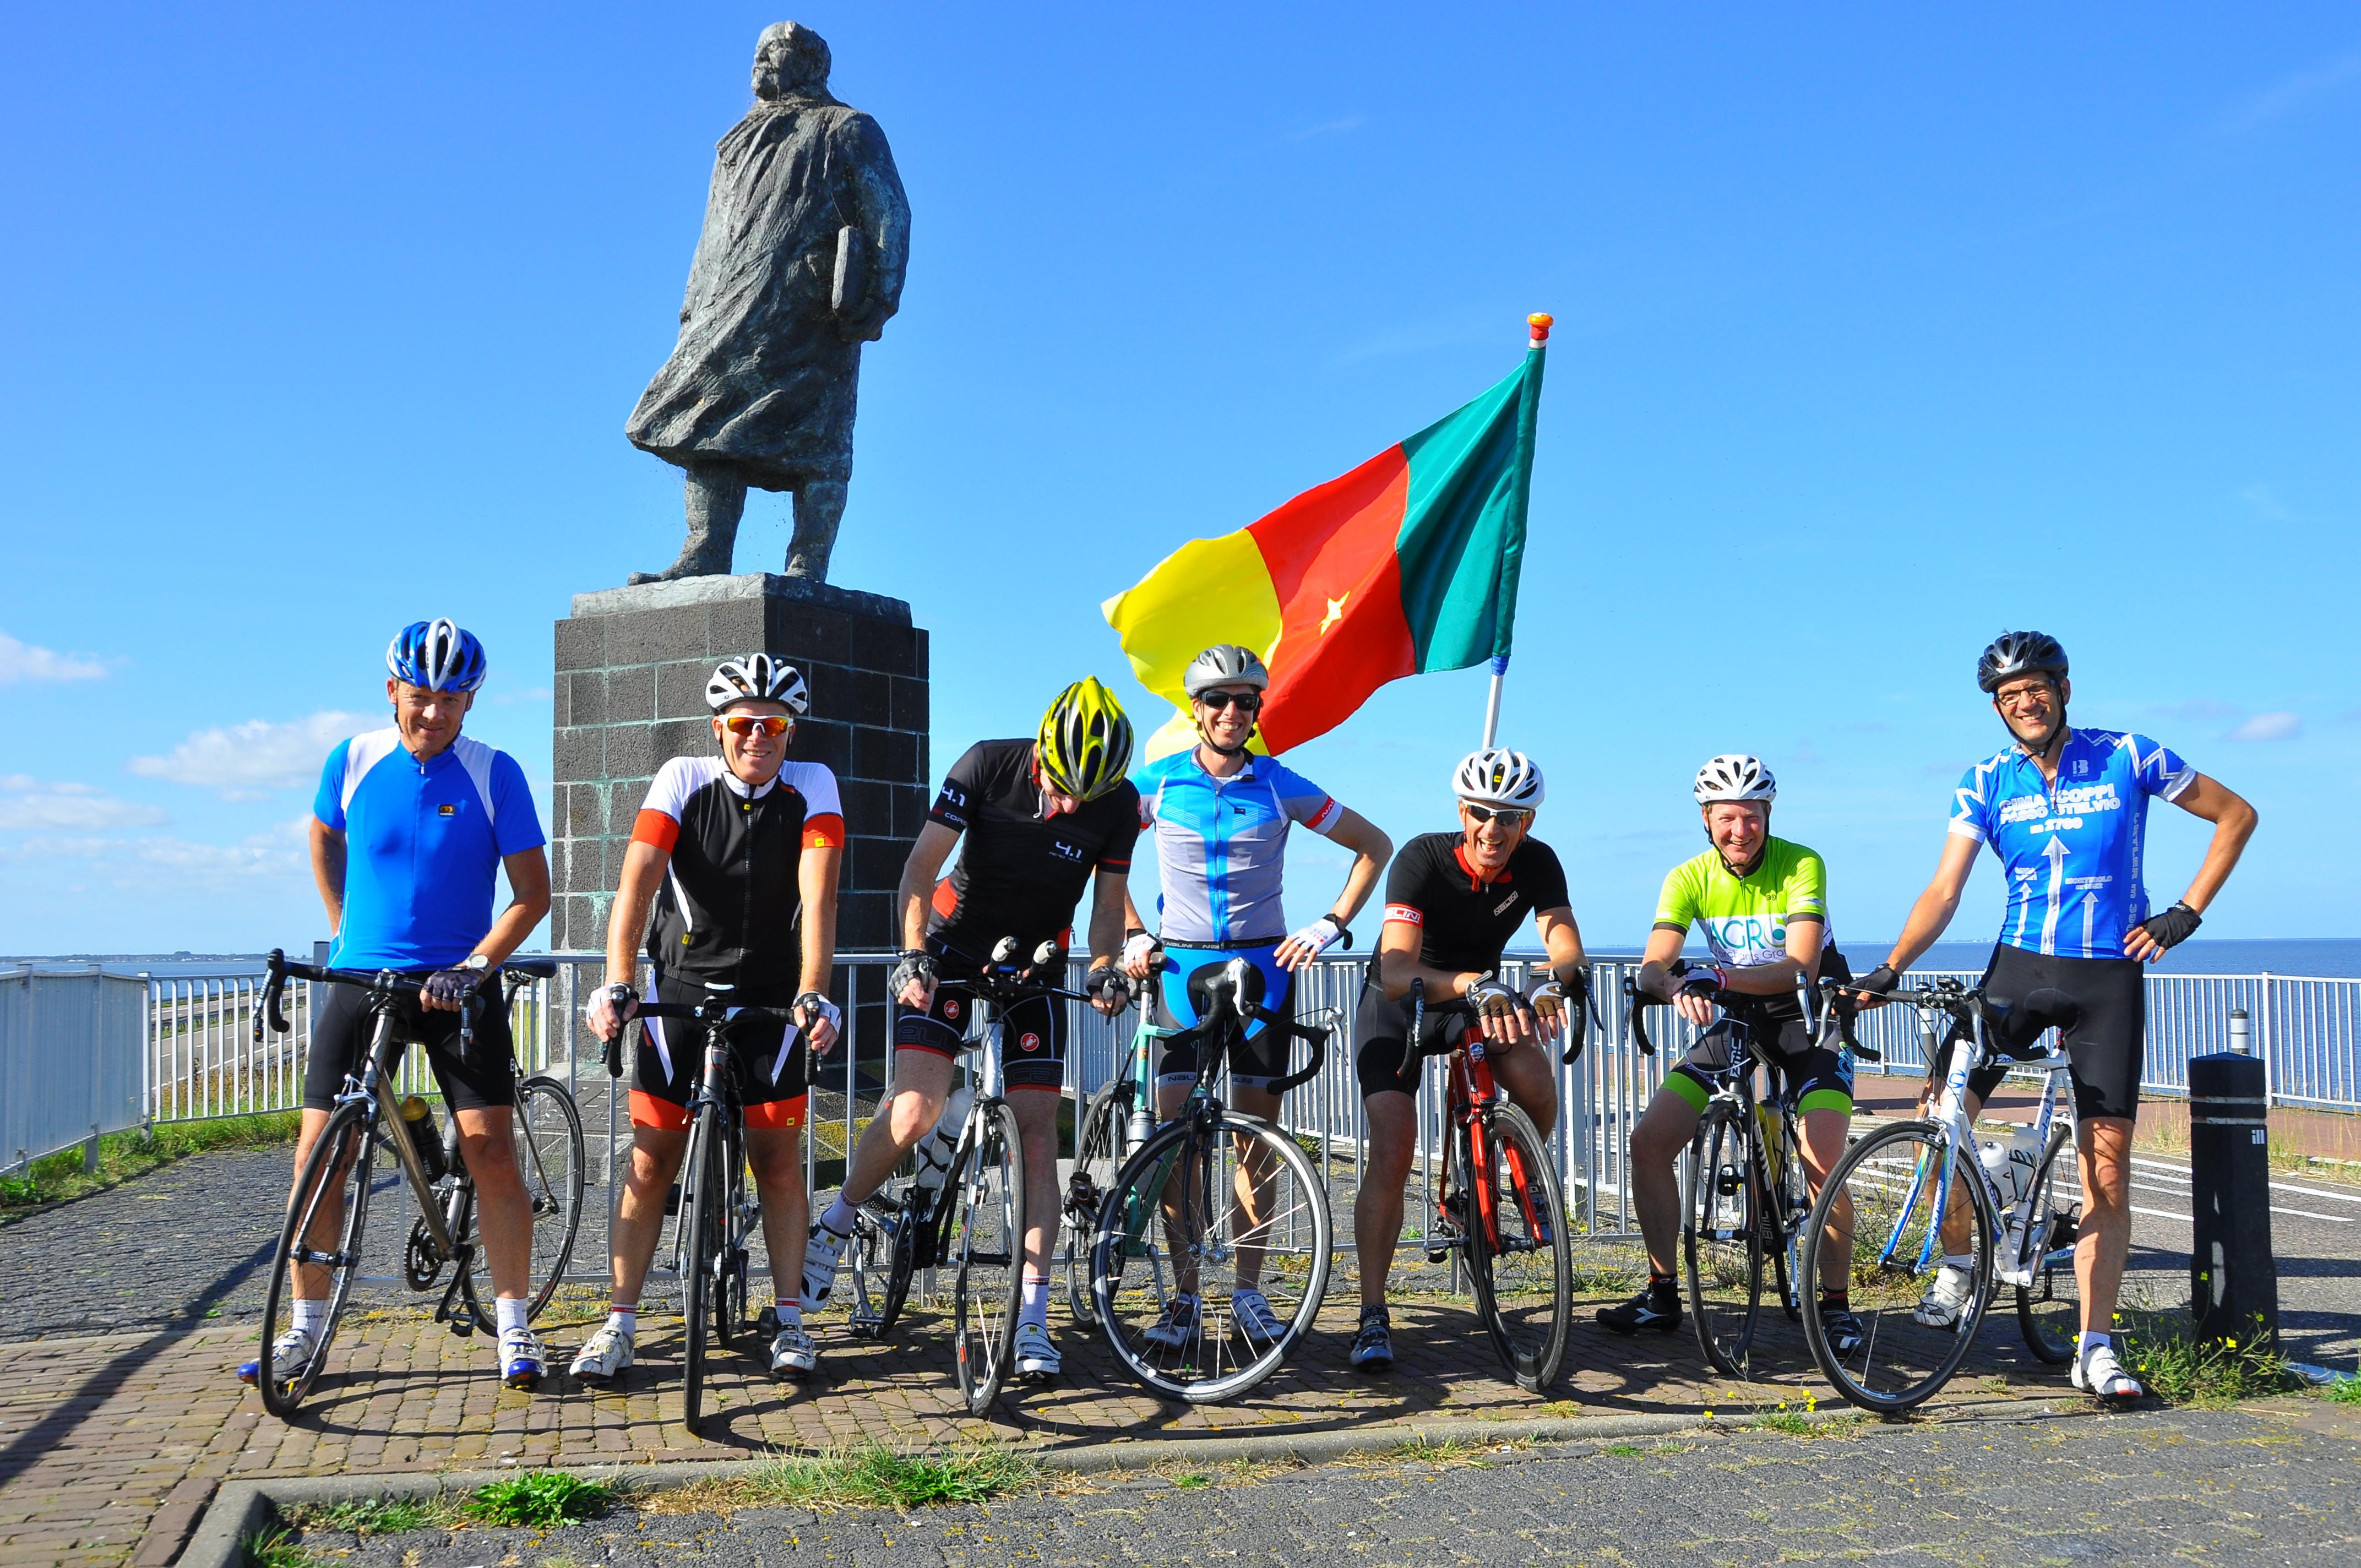 Rondje IJsselmeer: 13 uur fietsen, 305 kilometers, meer dan 2.300 euro!